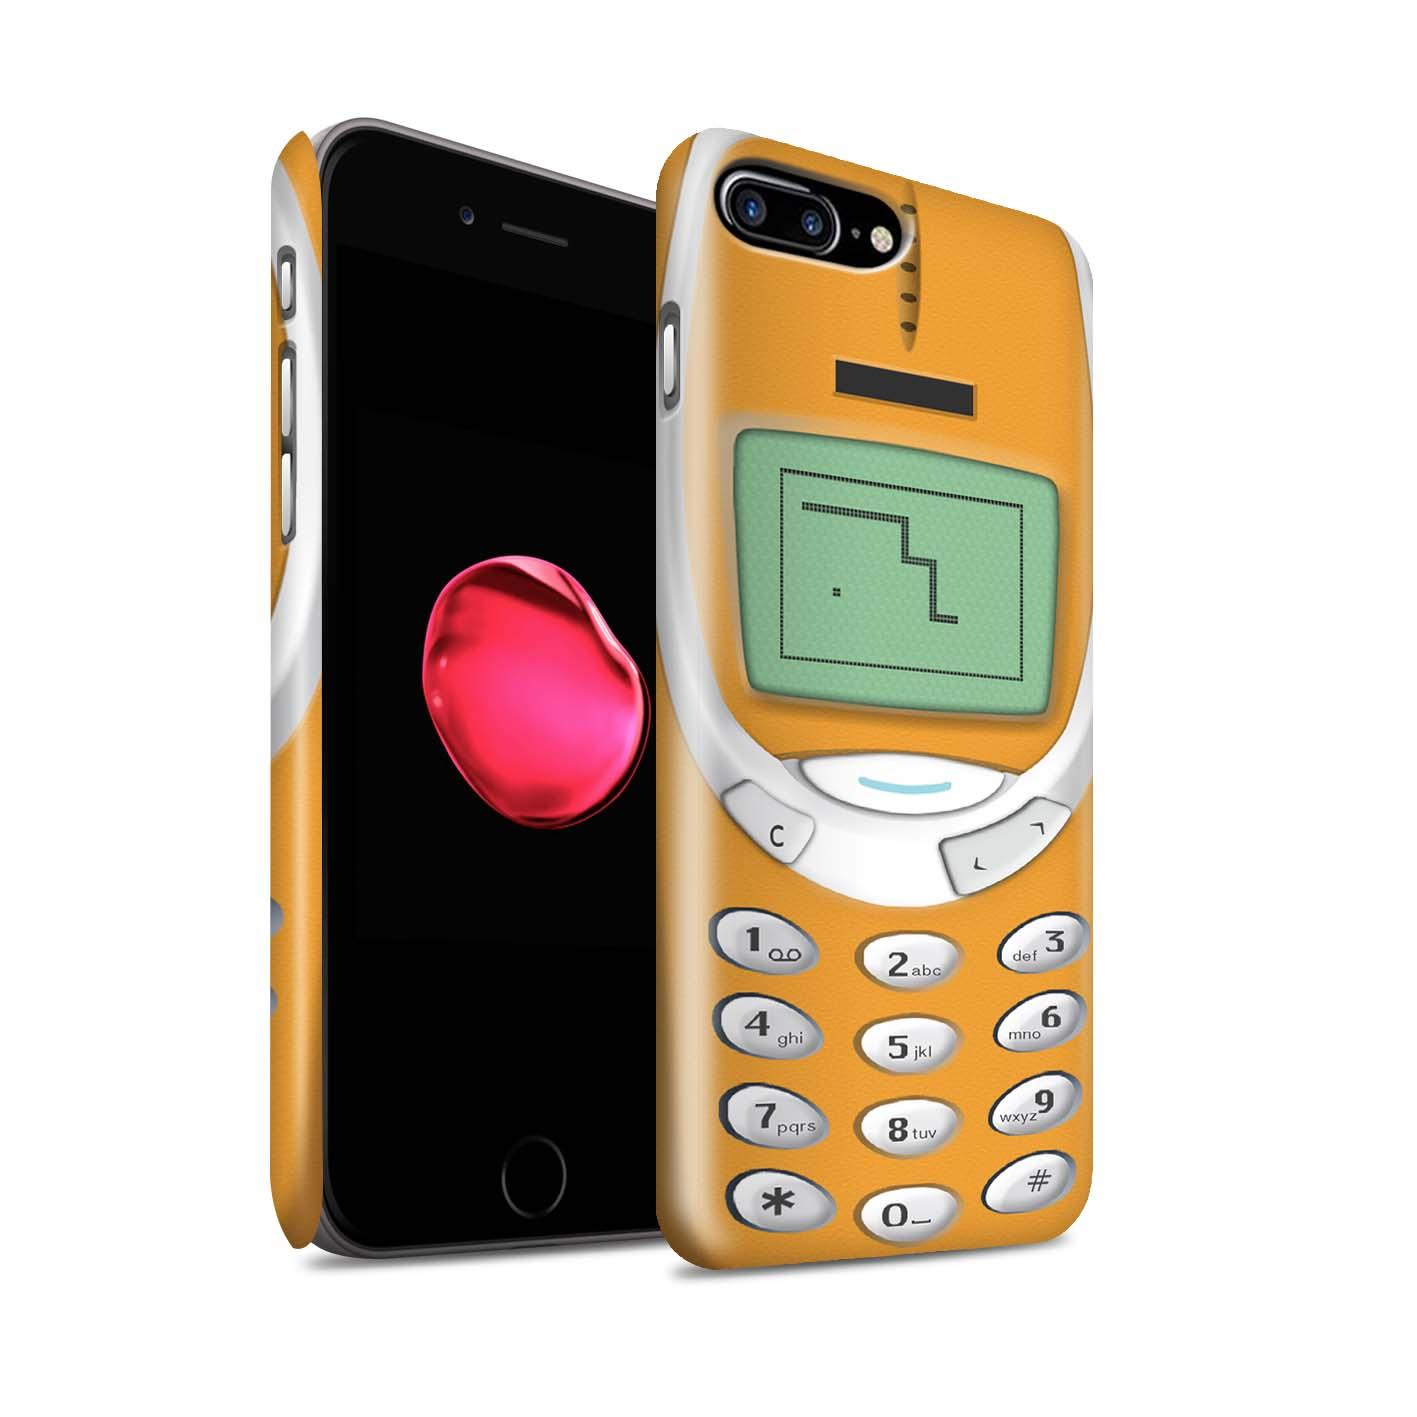 Coque-Etui-Matte-de-STUFF4-pour-Apple-iPhone-8-Plus-Portables-retro